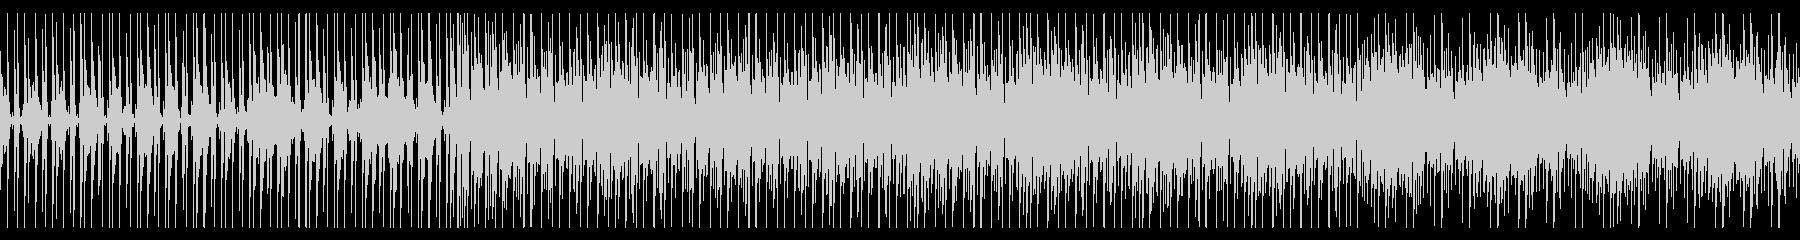 緊張感のあるテクノBGMの未再生の波形